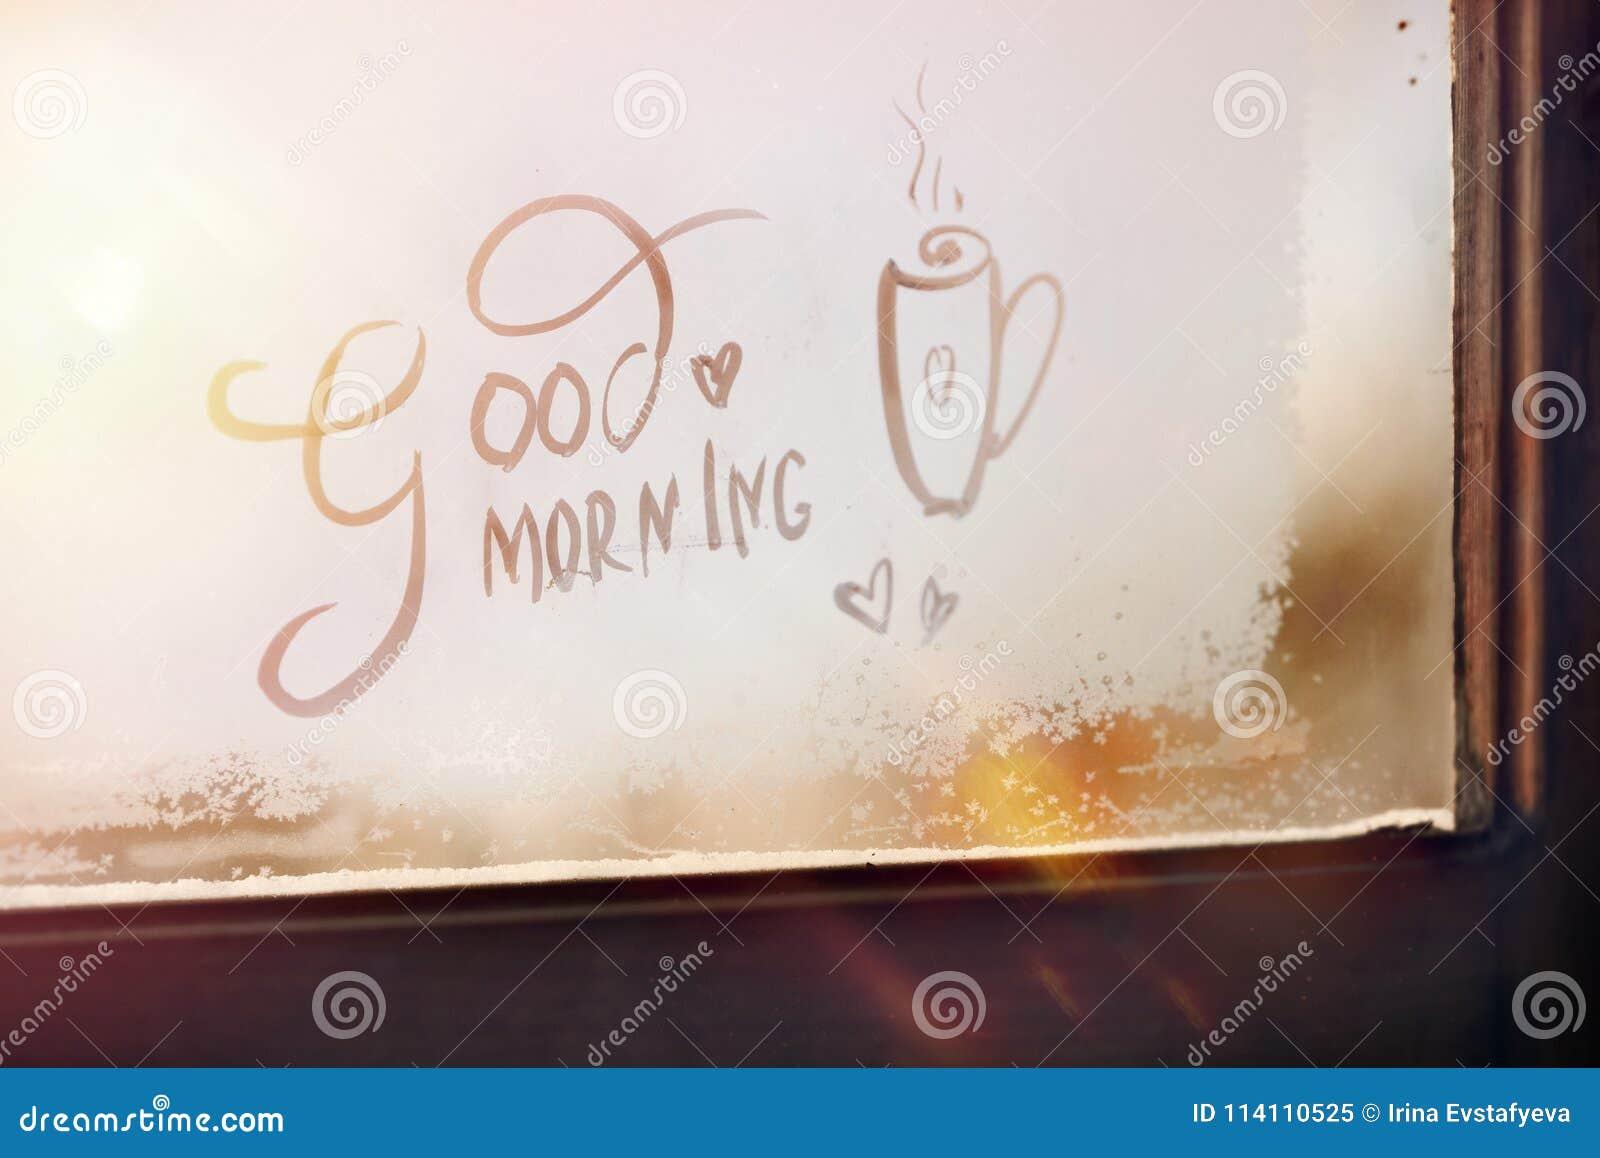 Buena mañana - la inscripción en la ventana escarchada positivo sol